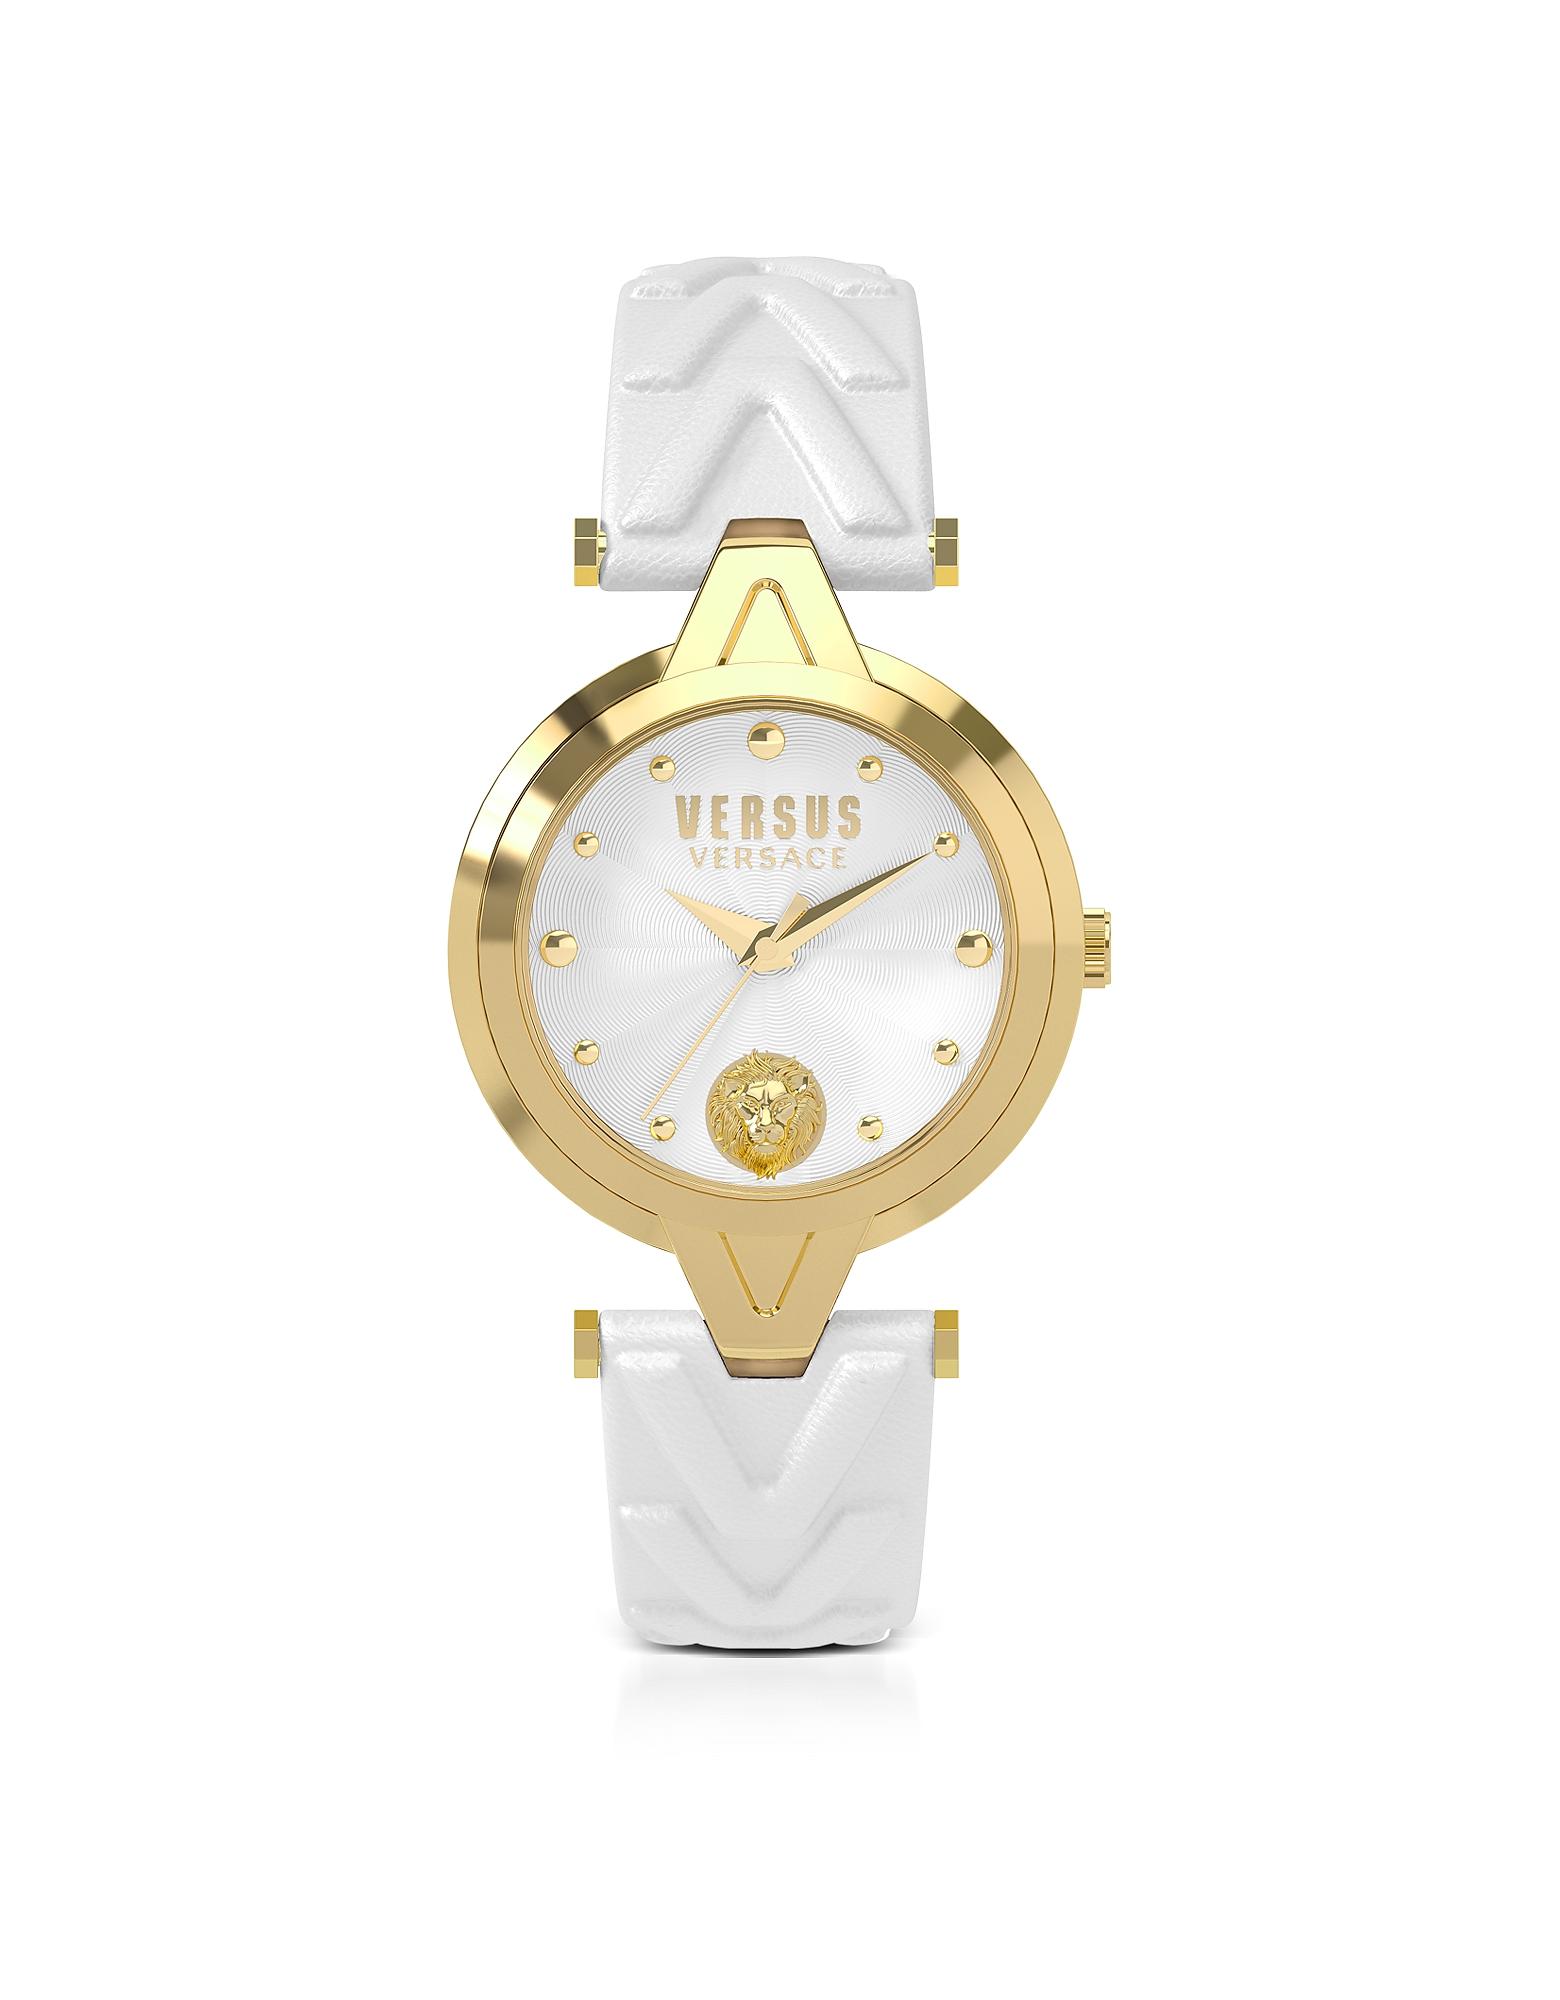 V Versus - Золотистые Женские Часы из Нержавеющей Стали с Белым Кожаным Ремешком